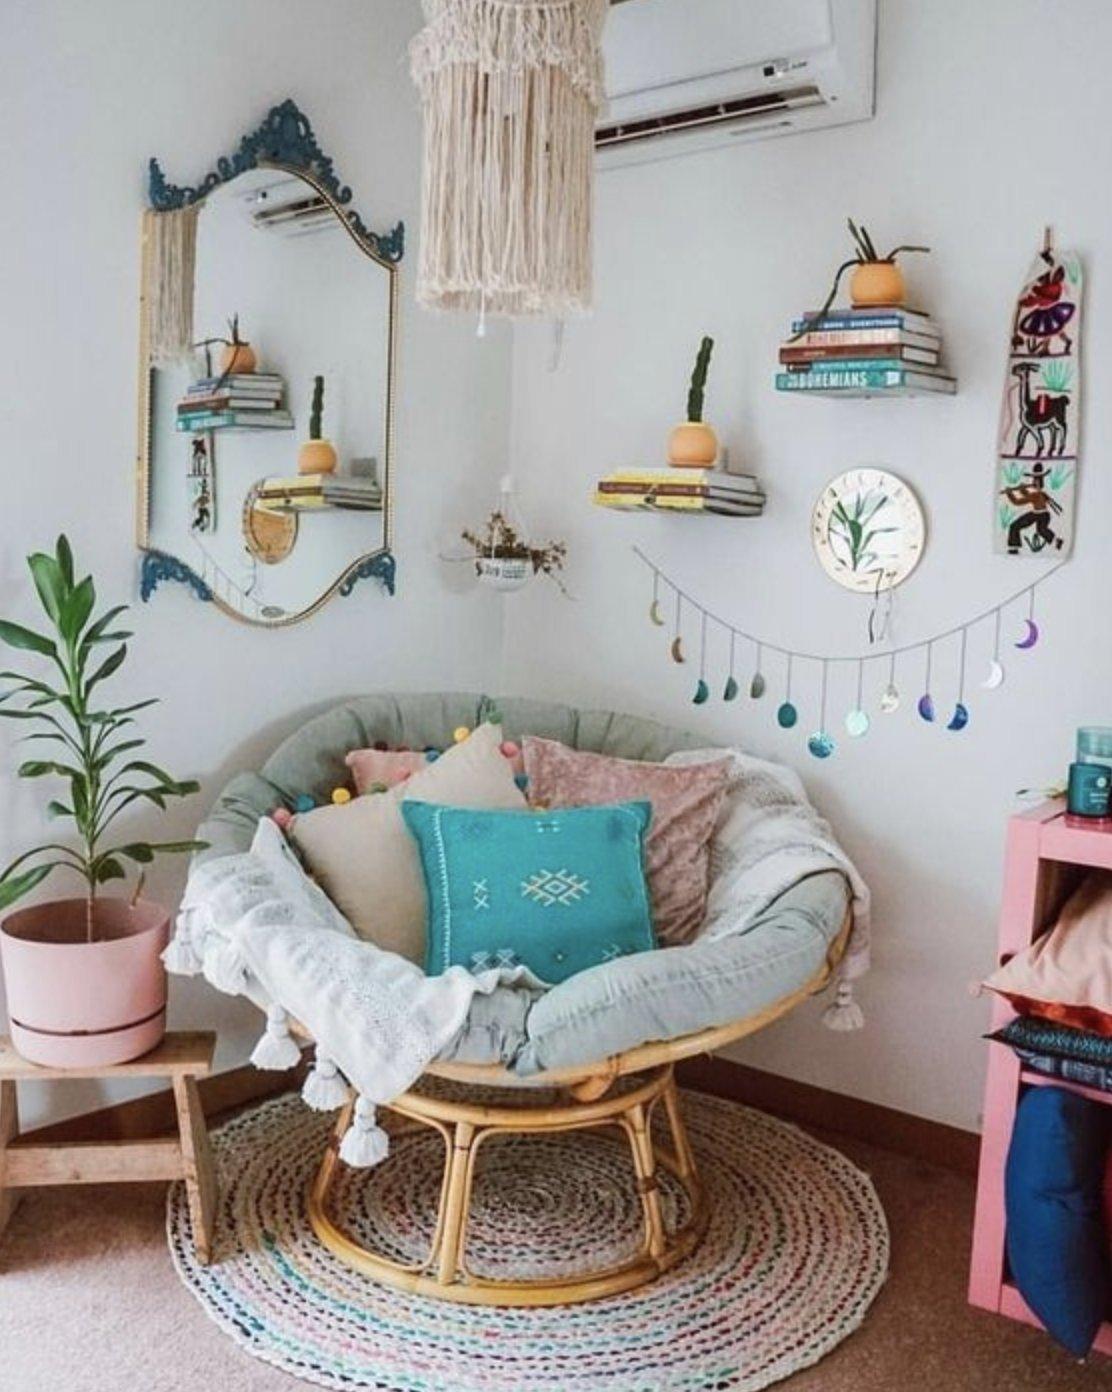 Tạo không gian thư giãn đẹp như tranh vẽ với ghế Papasan - Ảnh 5.